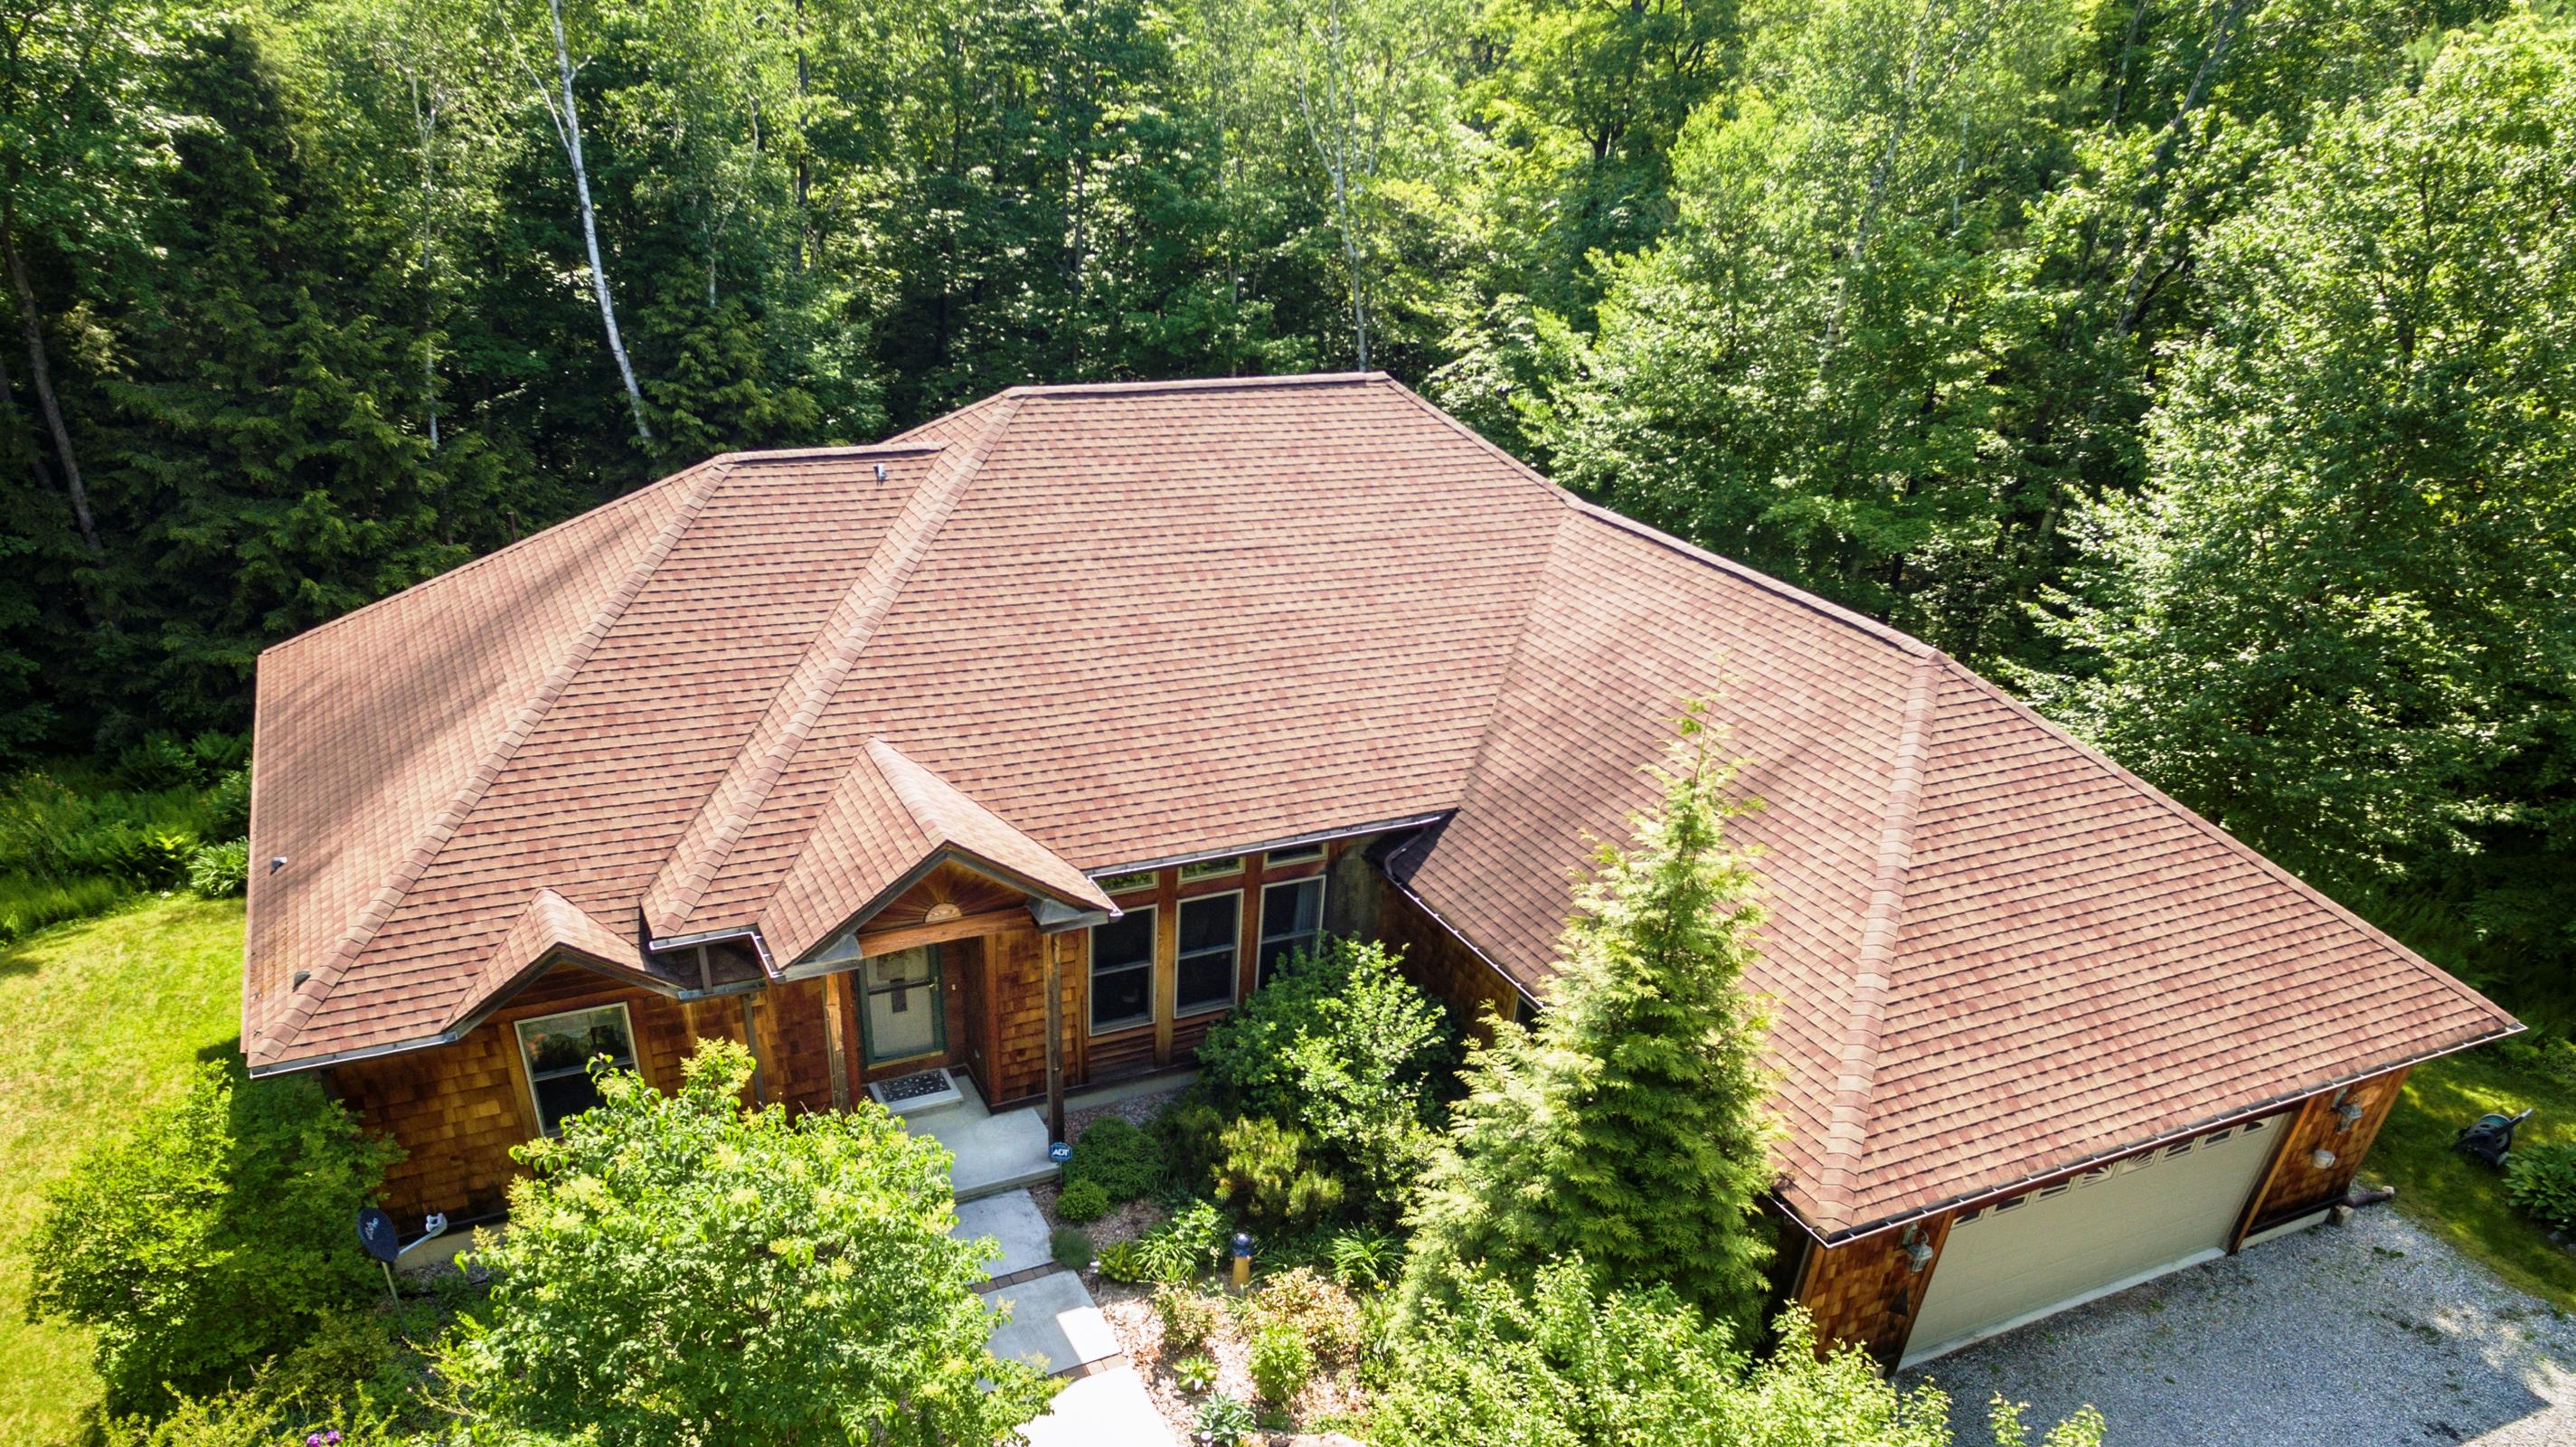 一戸建て のために 売買 アット Spectacular Open Floor Plan Contemporary 106 Stoney Brook Rd Becket, マサチューセッツ, 01223 アメリカ合衆国